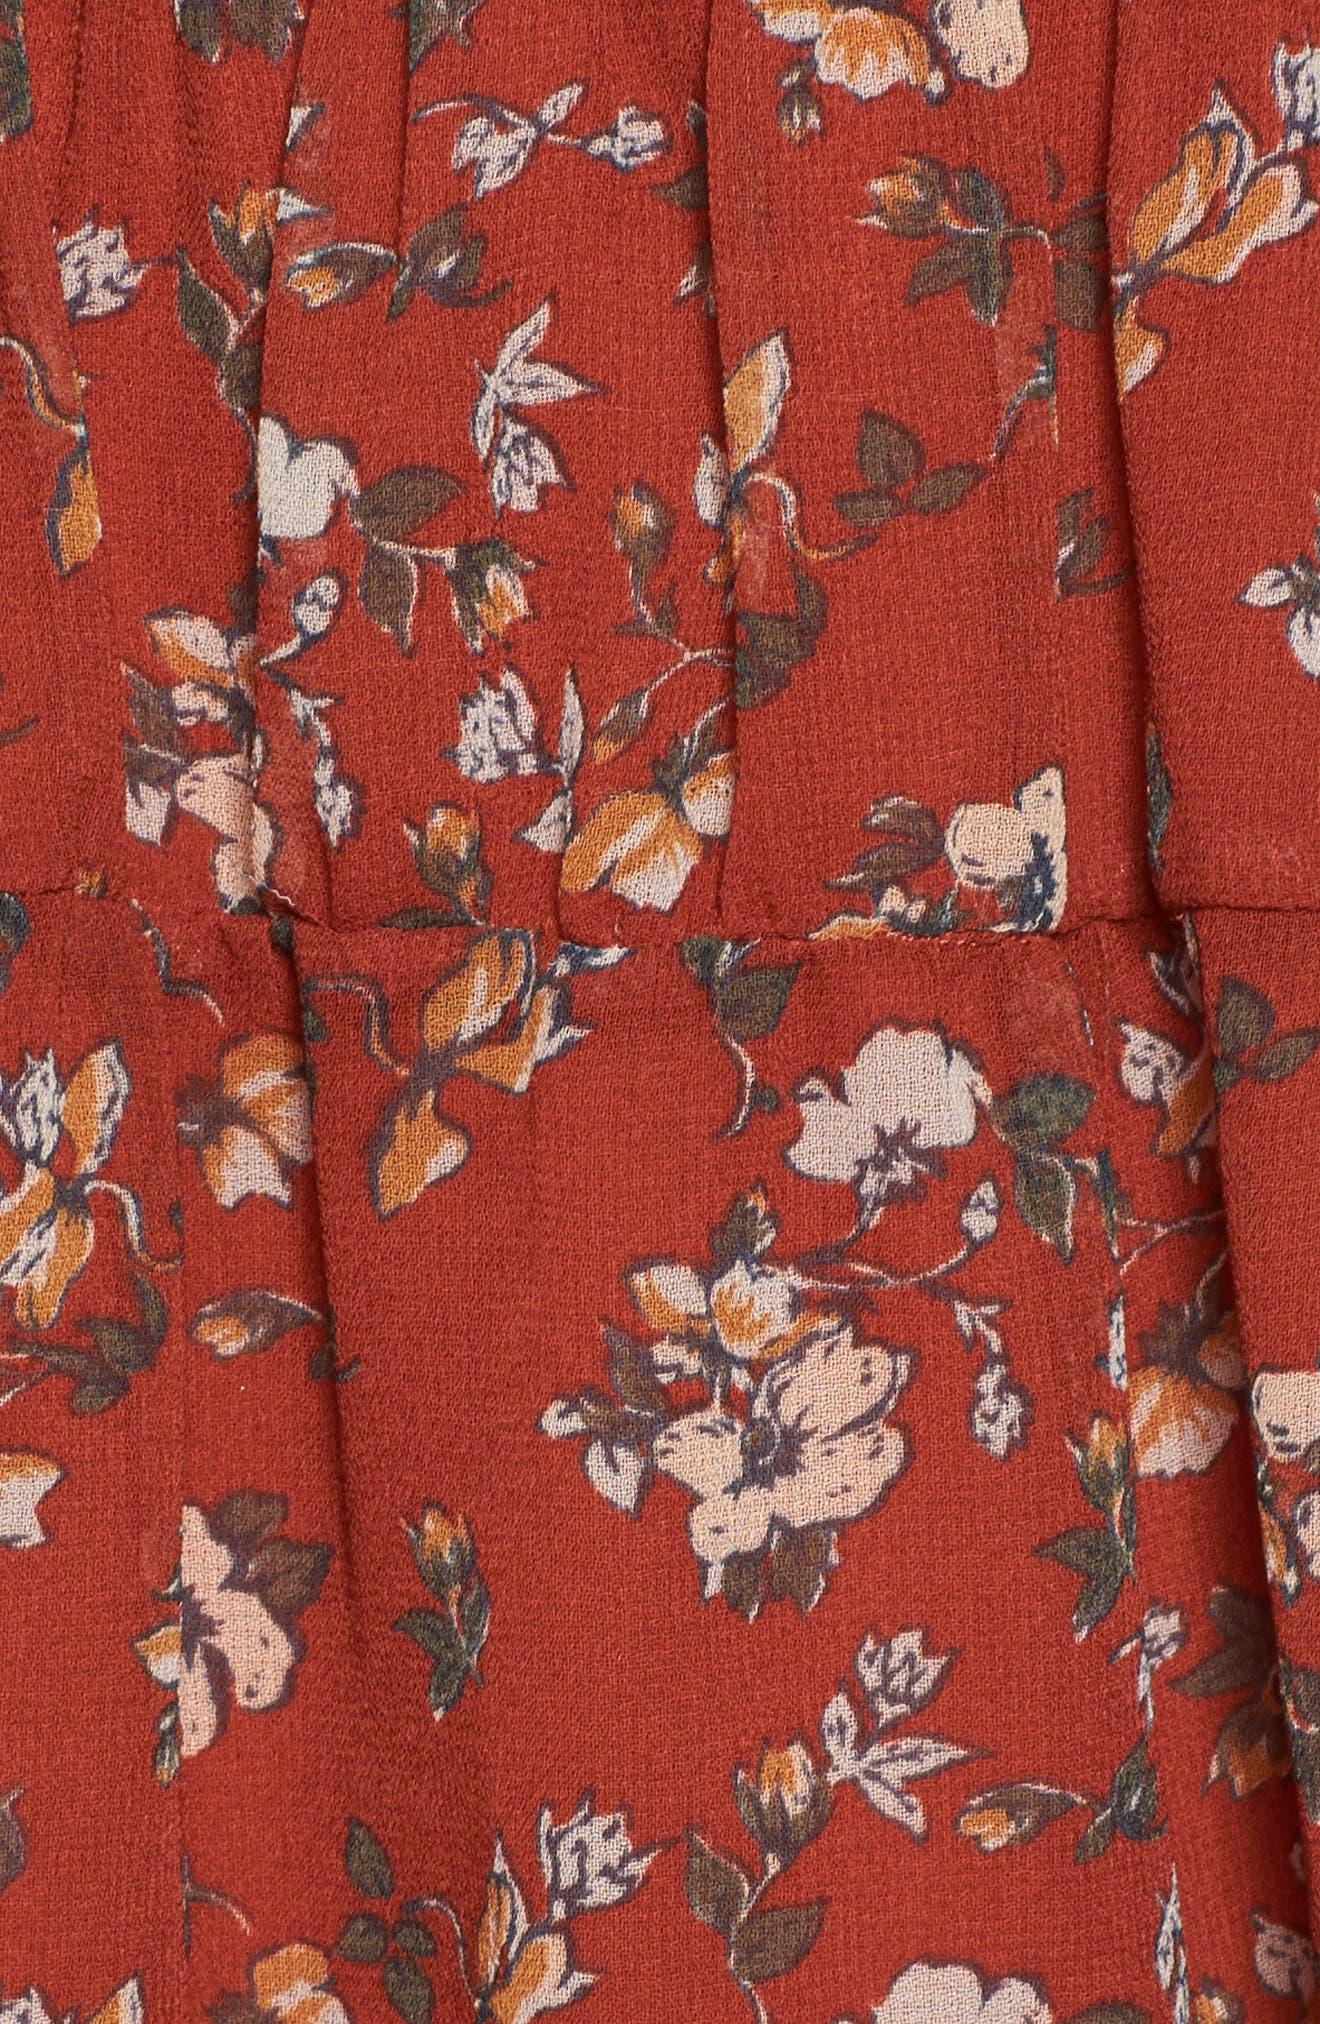 Le Marais Floral Print Dress,                             Alternate thumbnail 5, color,                             Rust